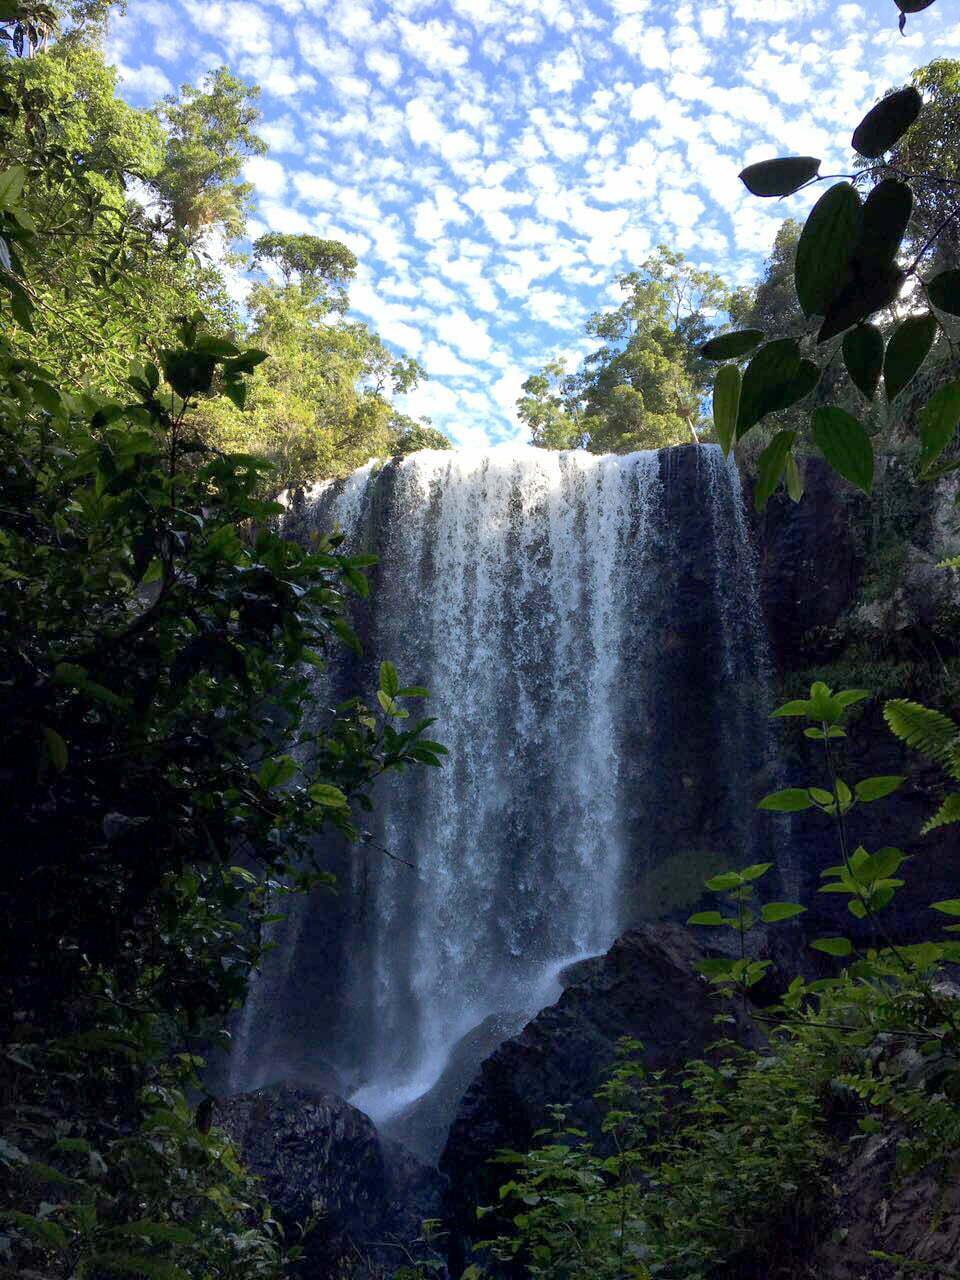 imagem de Milla Milla Falls, Tablelands da Viagem da Kika, diário de bordo Nº 8